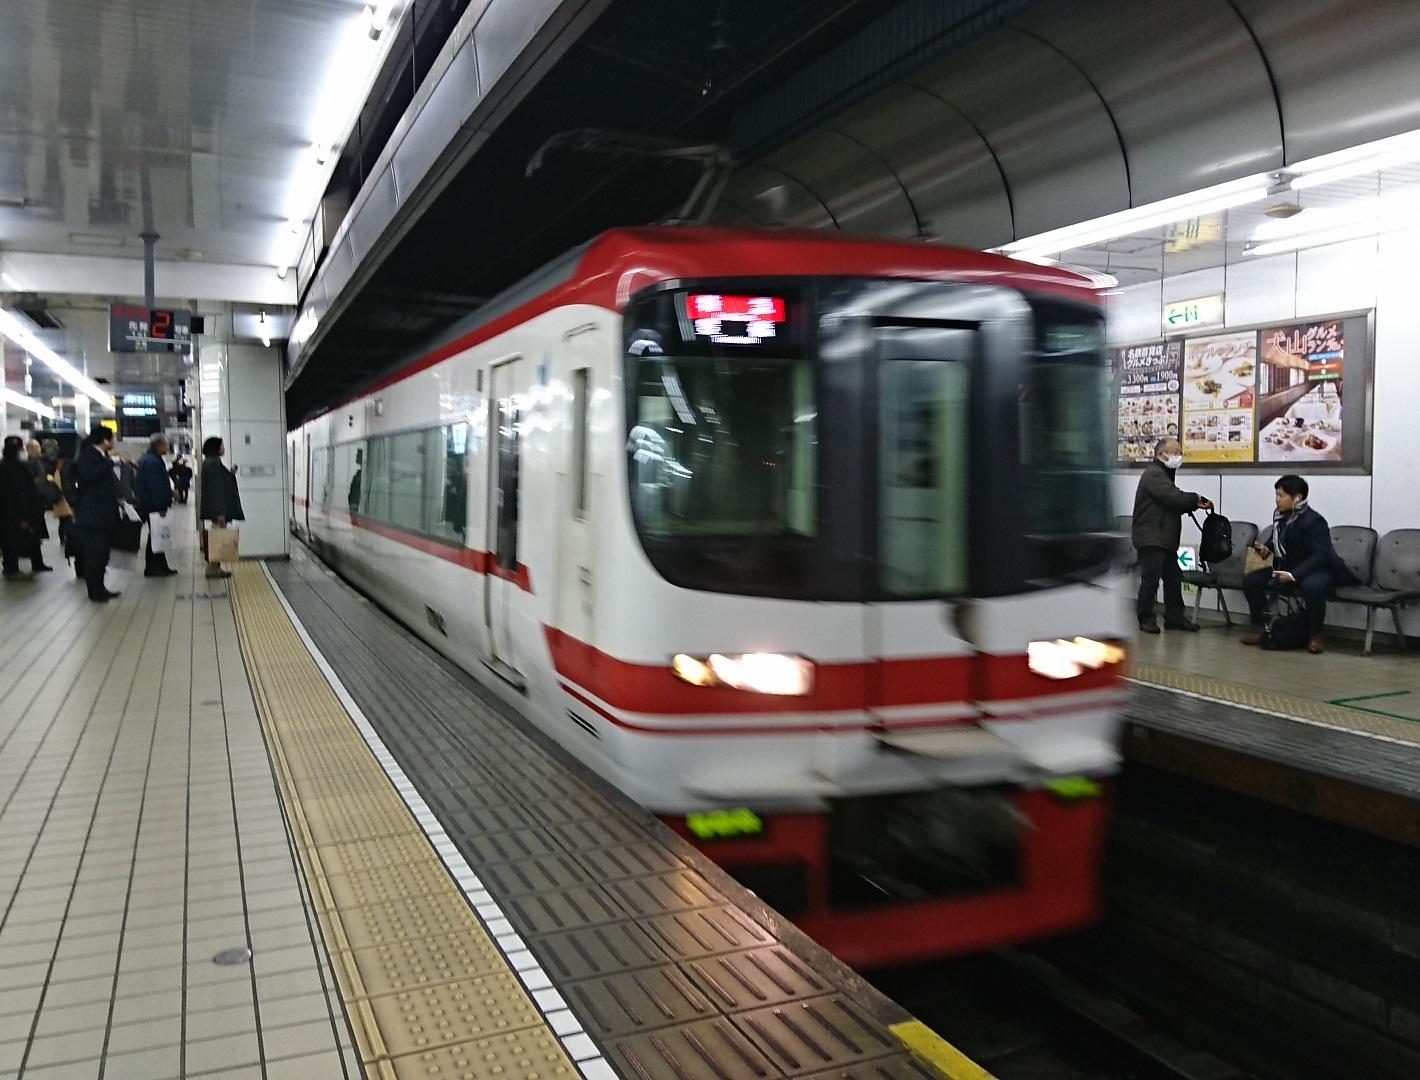 2018.12.14 (188い) 名古屋 - 豊橋いき特急 1420-1080